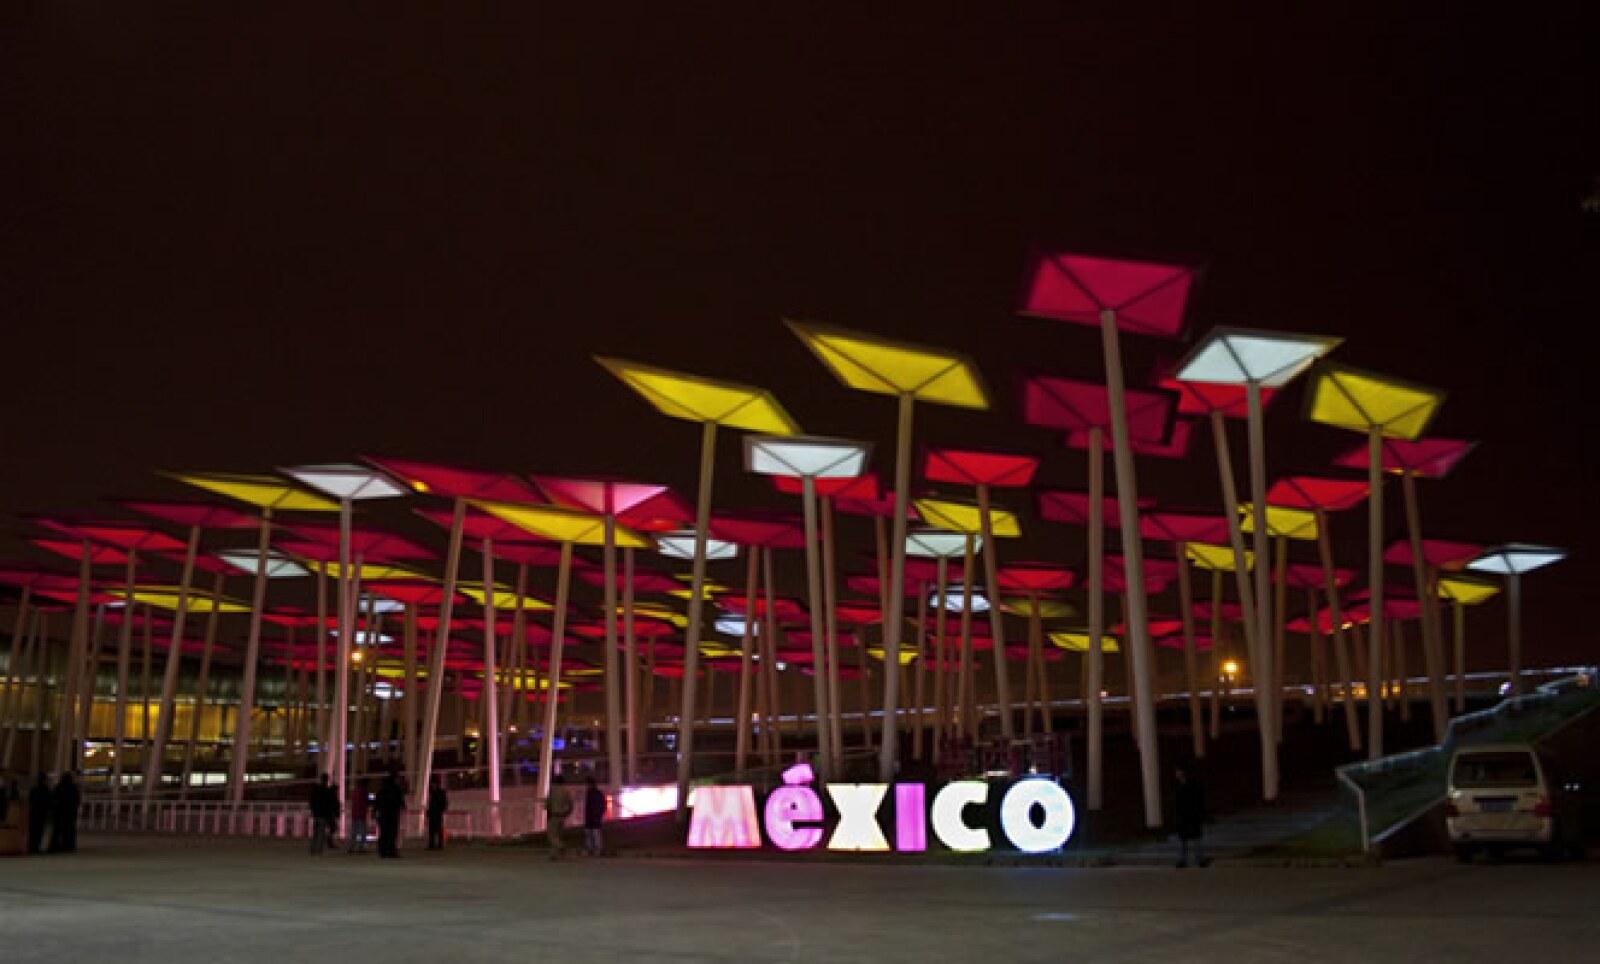 Con 4 mil metros cuadrados, el pabellón de México representa un gran bosque, formado por papalotes que buscan sembrar en los asistentes la idea de perseguir un sueño.